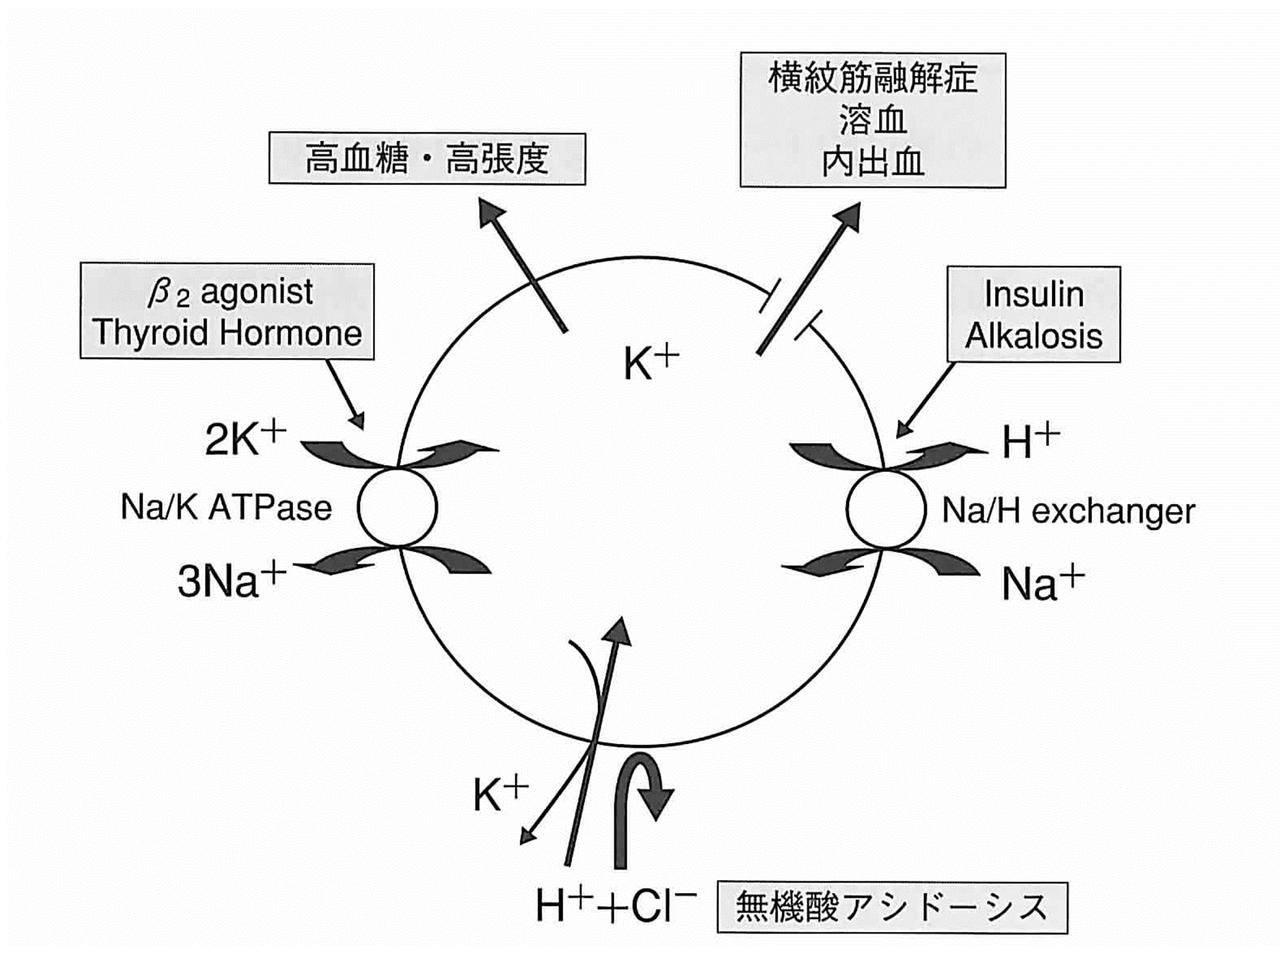 カリウム 血 症 低 電解質異常の心電図|各疾患の心電図(10)